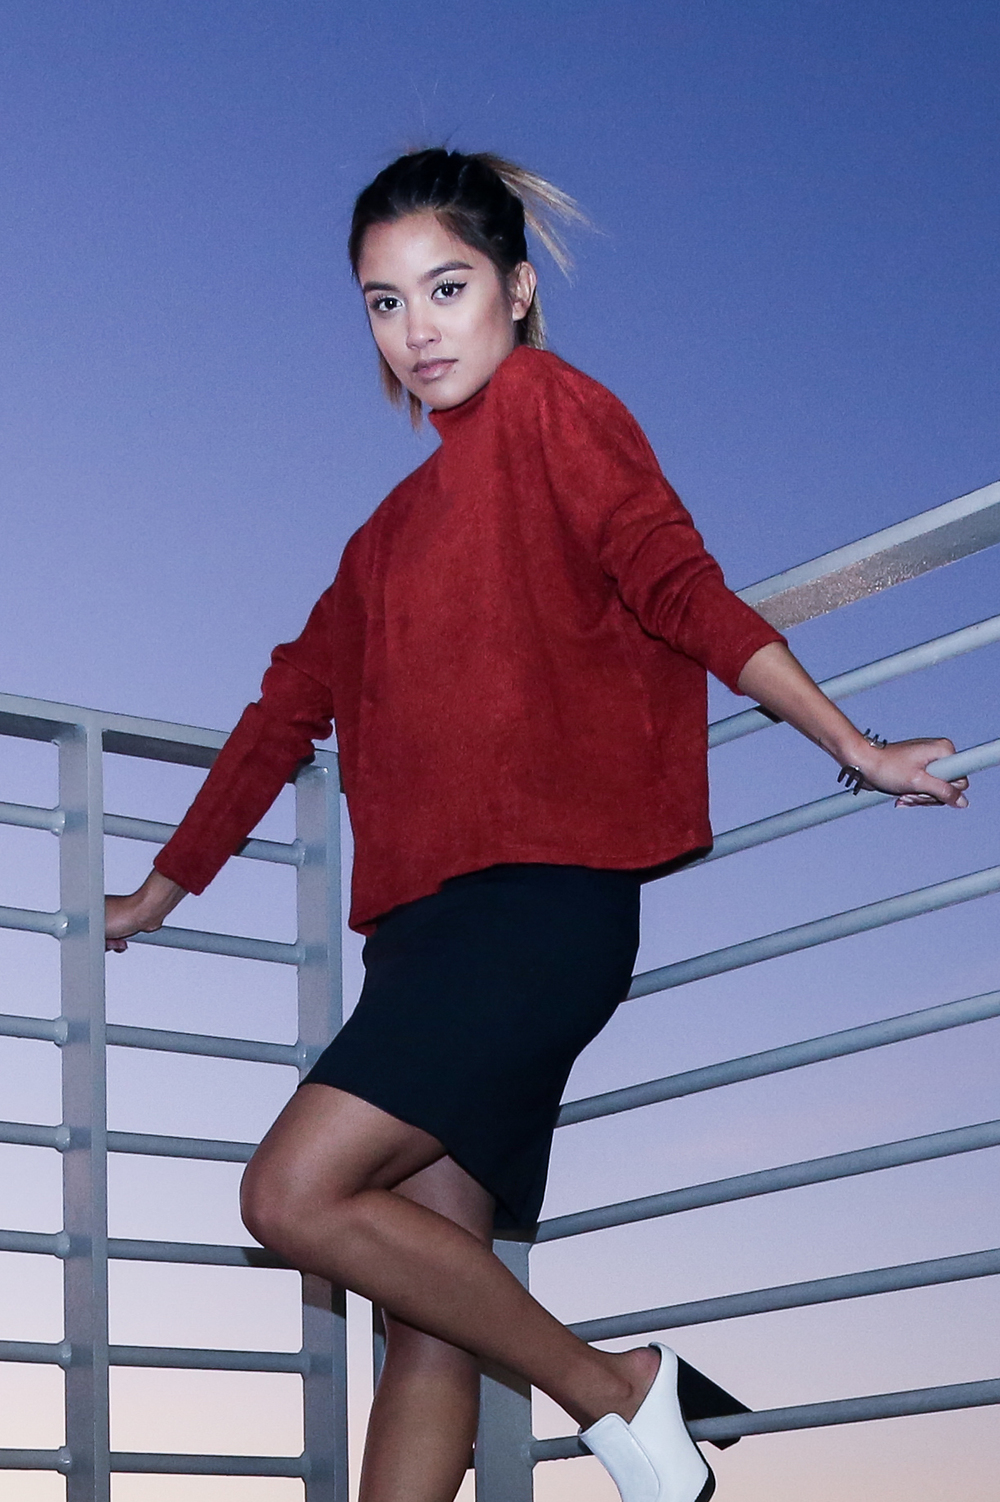 h&m sweater | h&m skirt (similar) | topshop shoes (similar) | pared eyewear frames | photos by jon macarewa